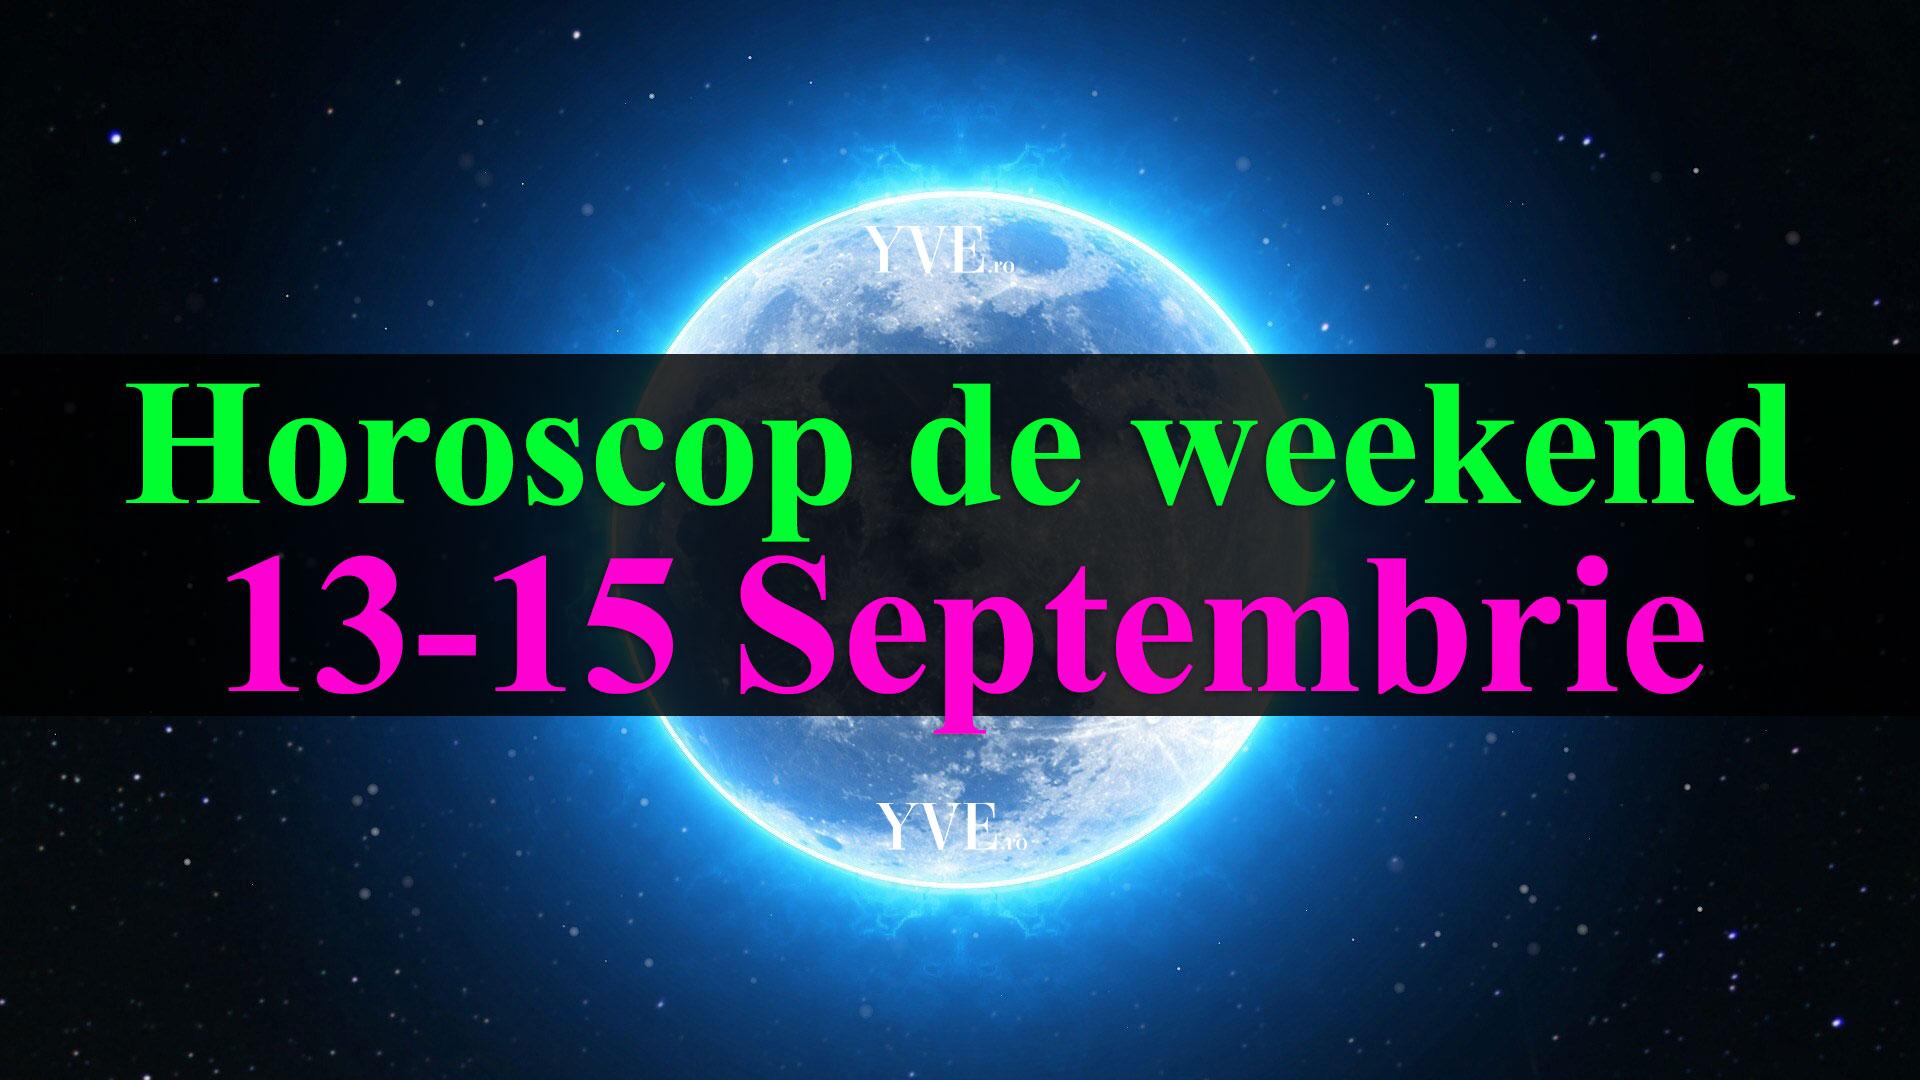 Horoscop de weekend 13-15 Septembrie 2019